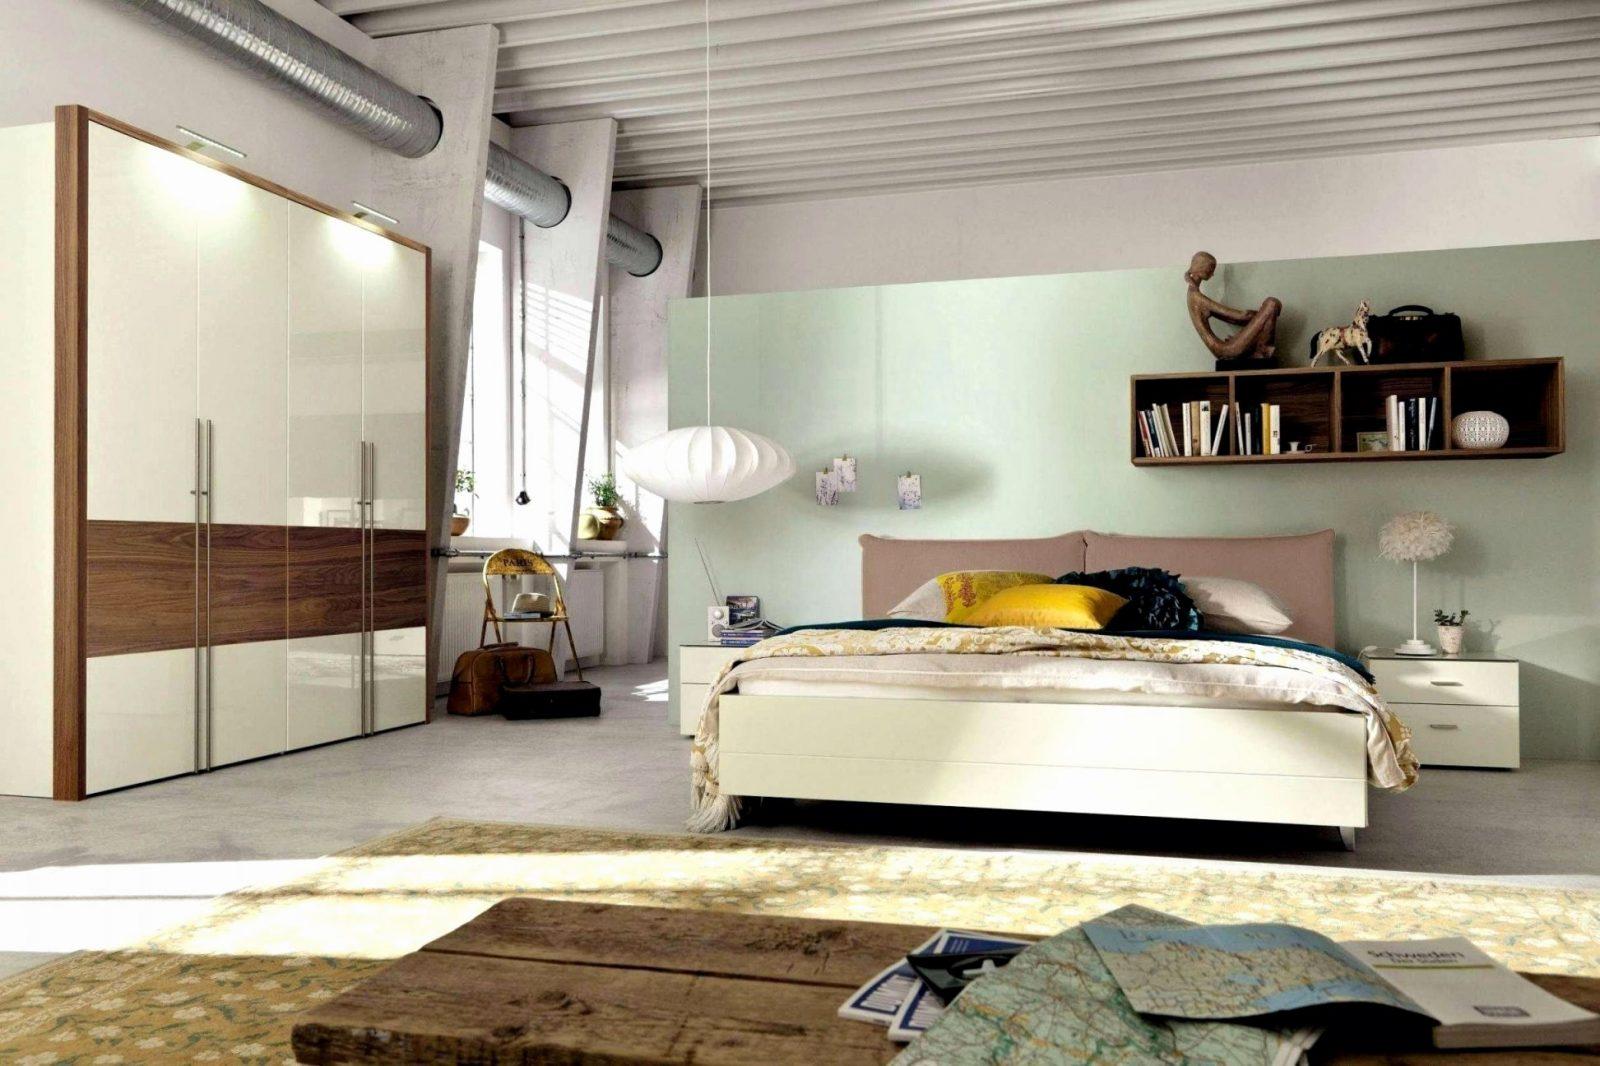 Bett Aus Ikea Regal Bauen Inspirierend 5 Außergewöhnliche Ikea Hacks von Bett Aus Ikea Regal Bauen Bild